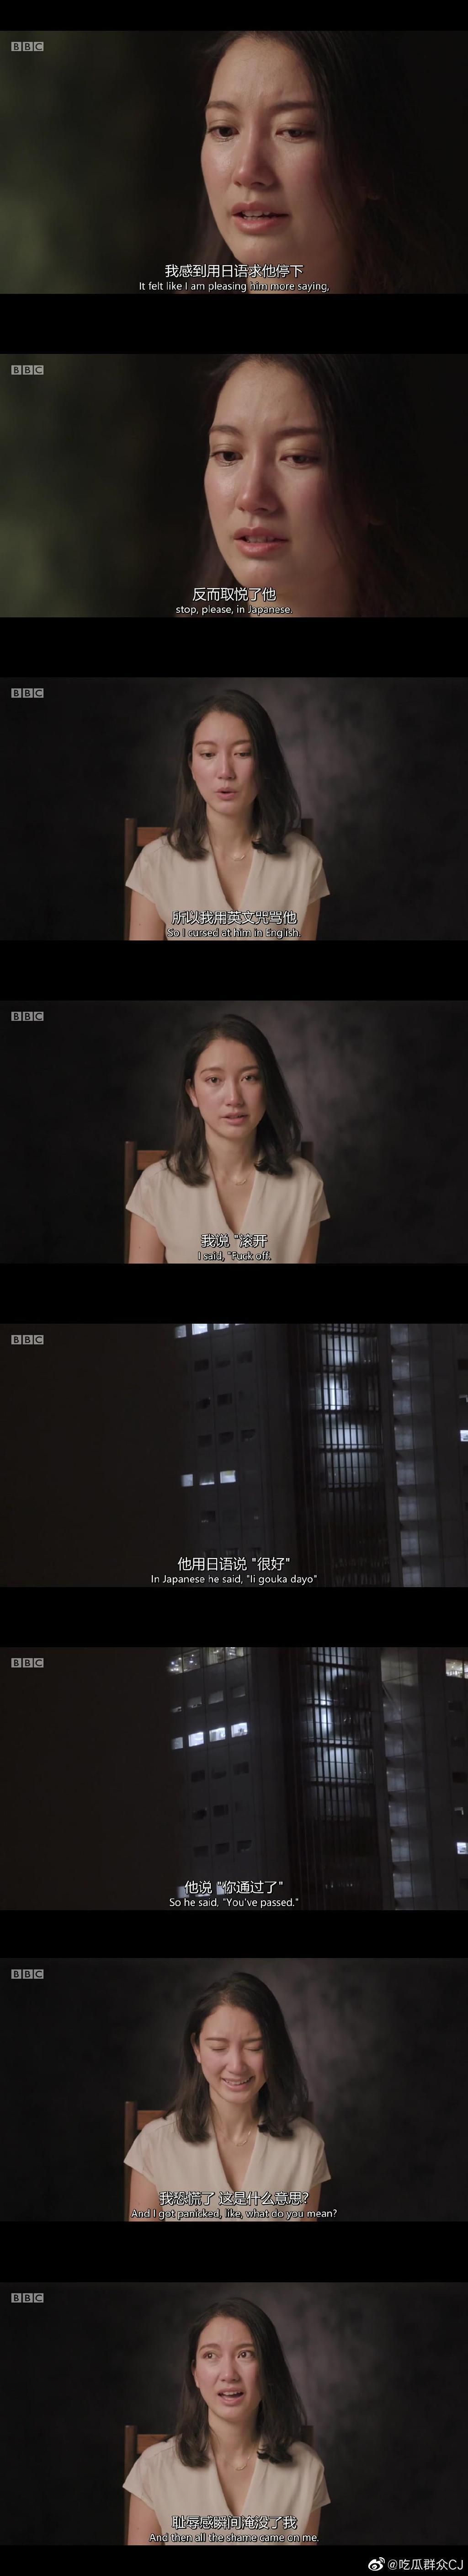 被业界大佬性侵的女记者伊藤诗织胜诉了,曾被BBC拍成纪录片《日本之耻》 liuliushe.net六六社 第4张